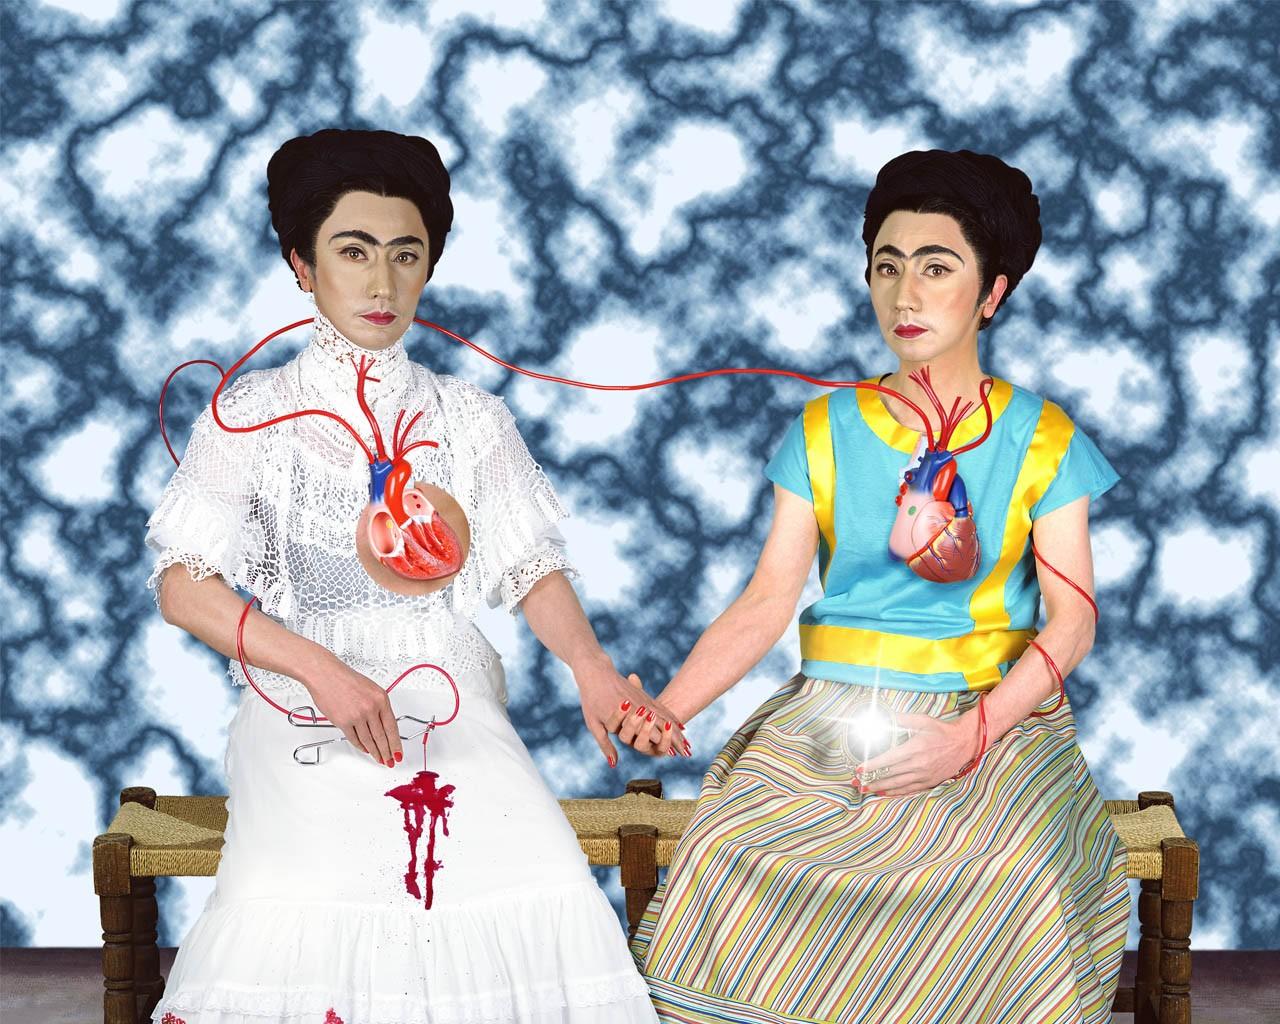 Frida Kahlo or Rembrandt